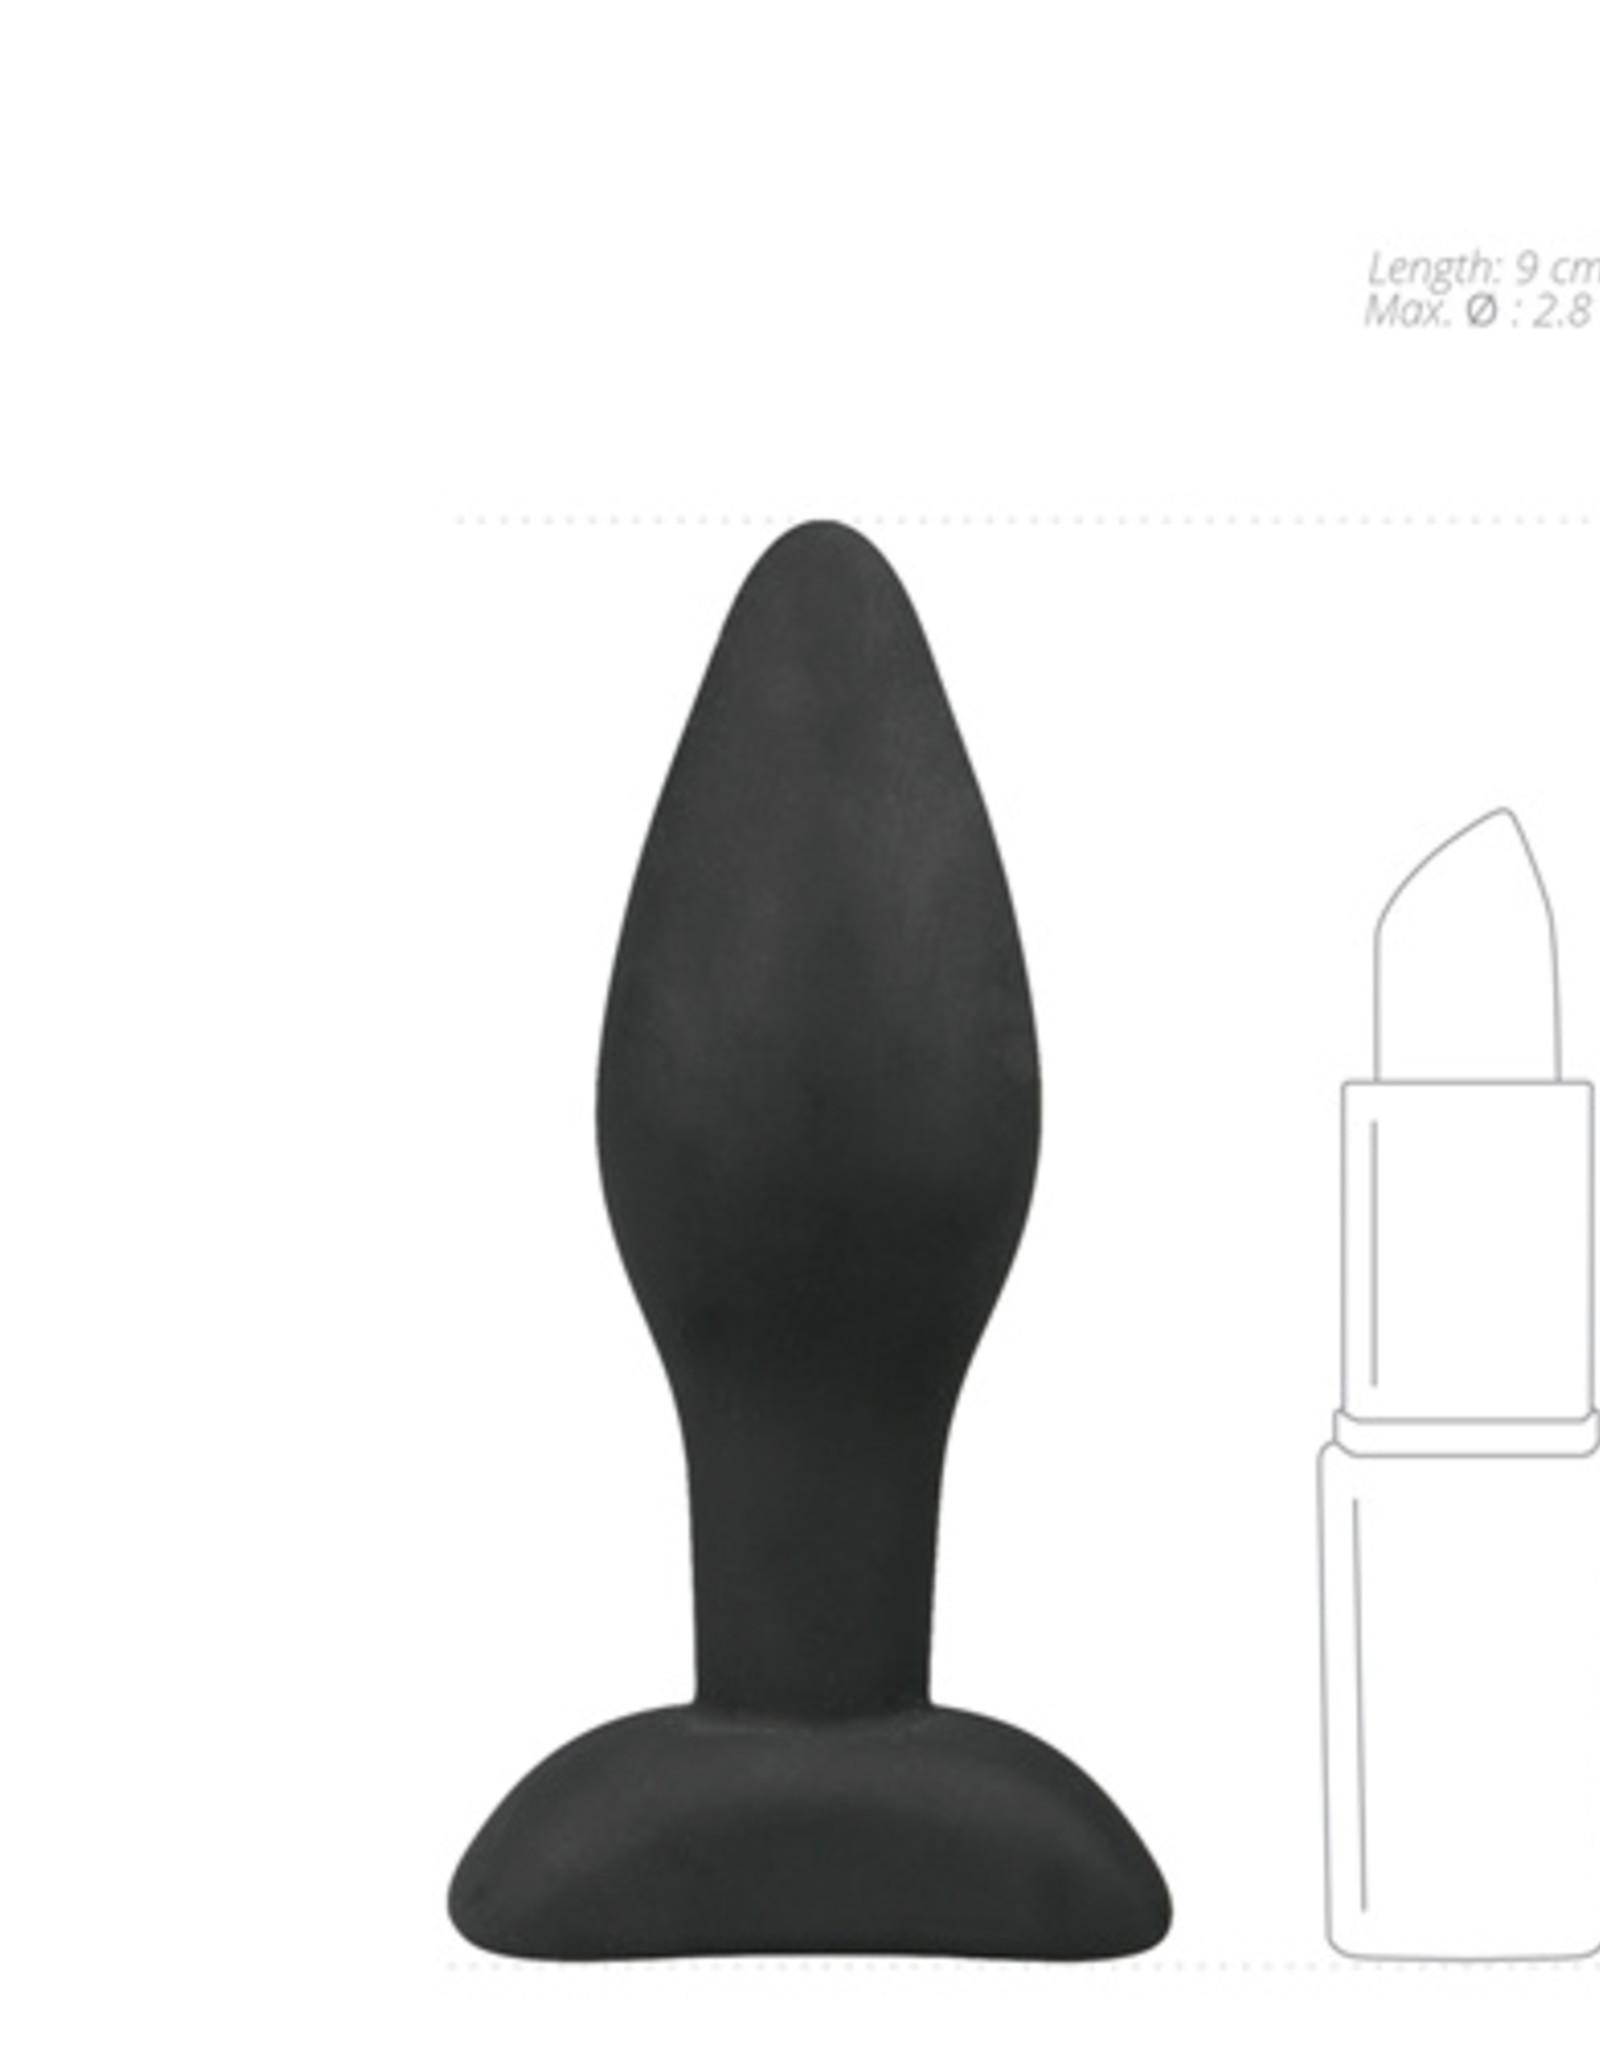 Easytoys Anal Collection Kleine zwarte siliconen buttplug